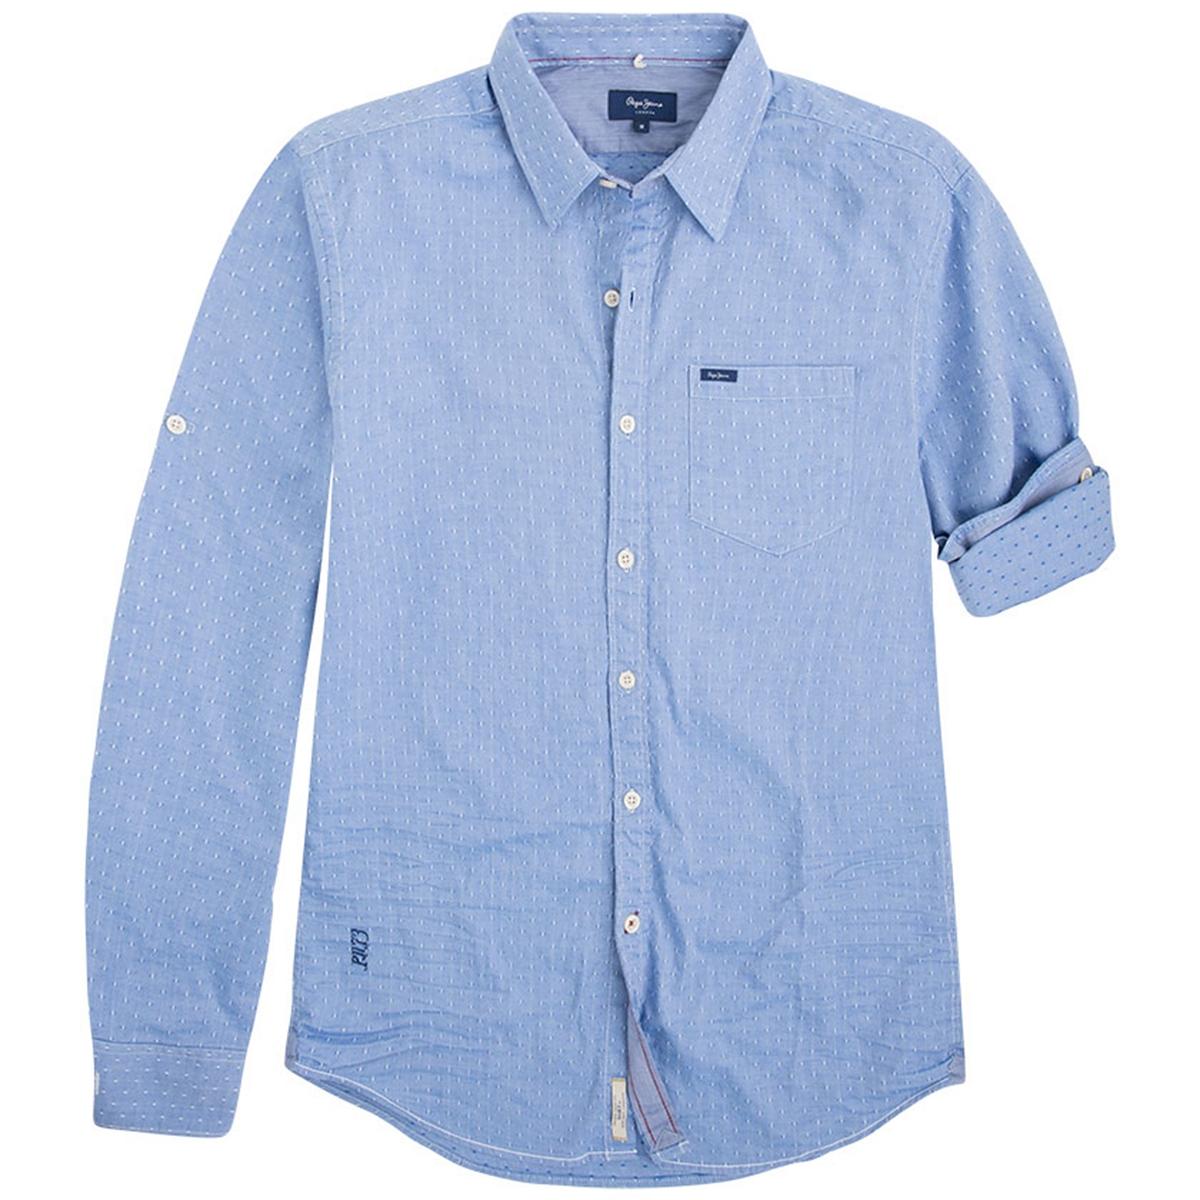 Рубашка с длинными рукавамиОписание:Детали  •  Длинные рукава  •  Приталенный покрой   •  Классический воротник •  Жаккардовый рисунокСостав и уход  •  100% хлопок  •  Следуйте советам по уходу, указанным на этикетке<br><br>Цвет: небесно-голубой